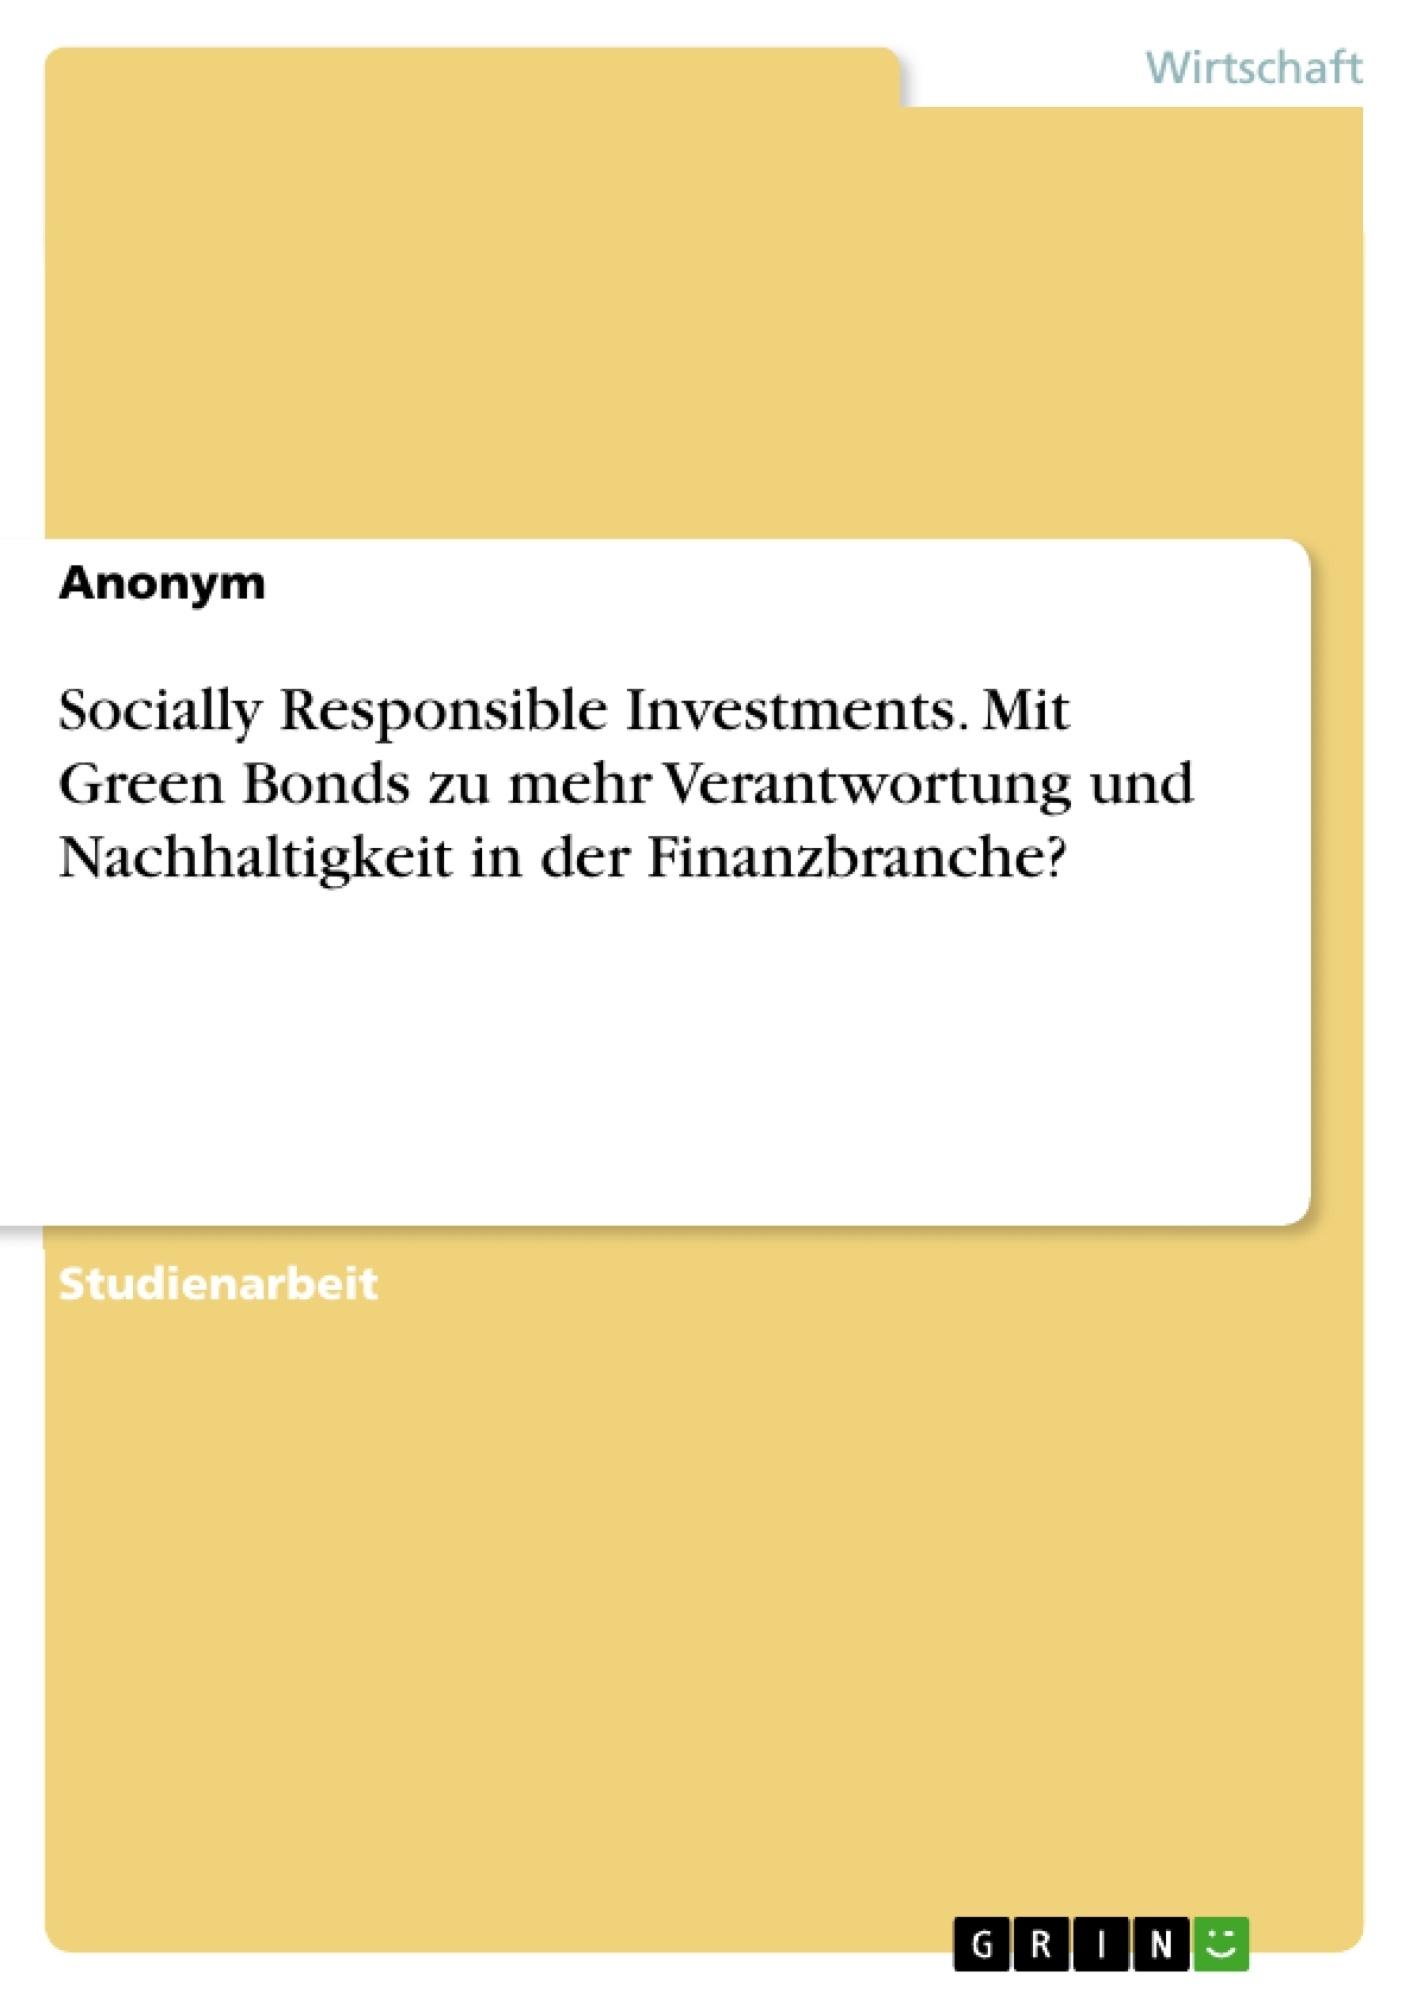 Titel: Socially Responsible Investments. Mit Green Bonds zu mehr Verantwortung und Nachhaltigkeit in der Finanzbranche?